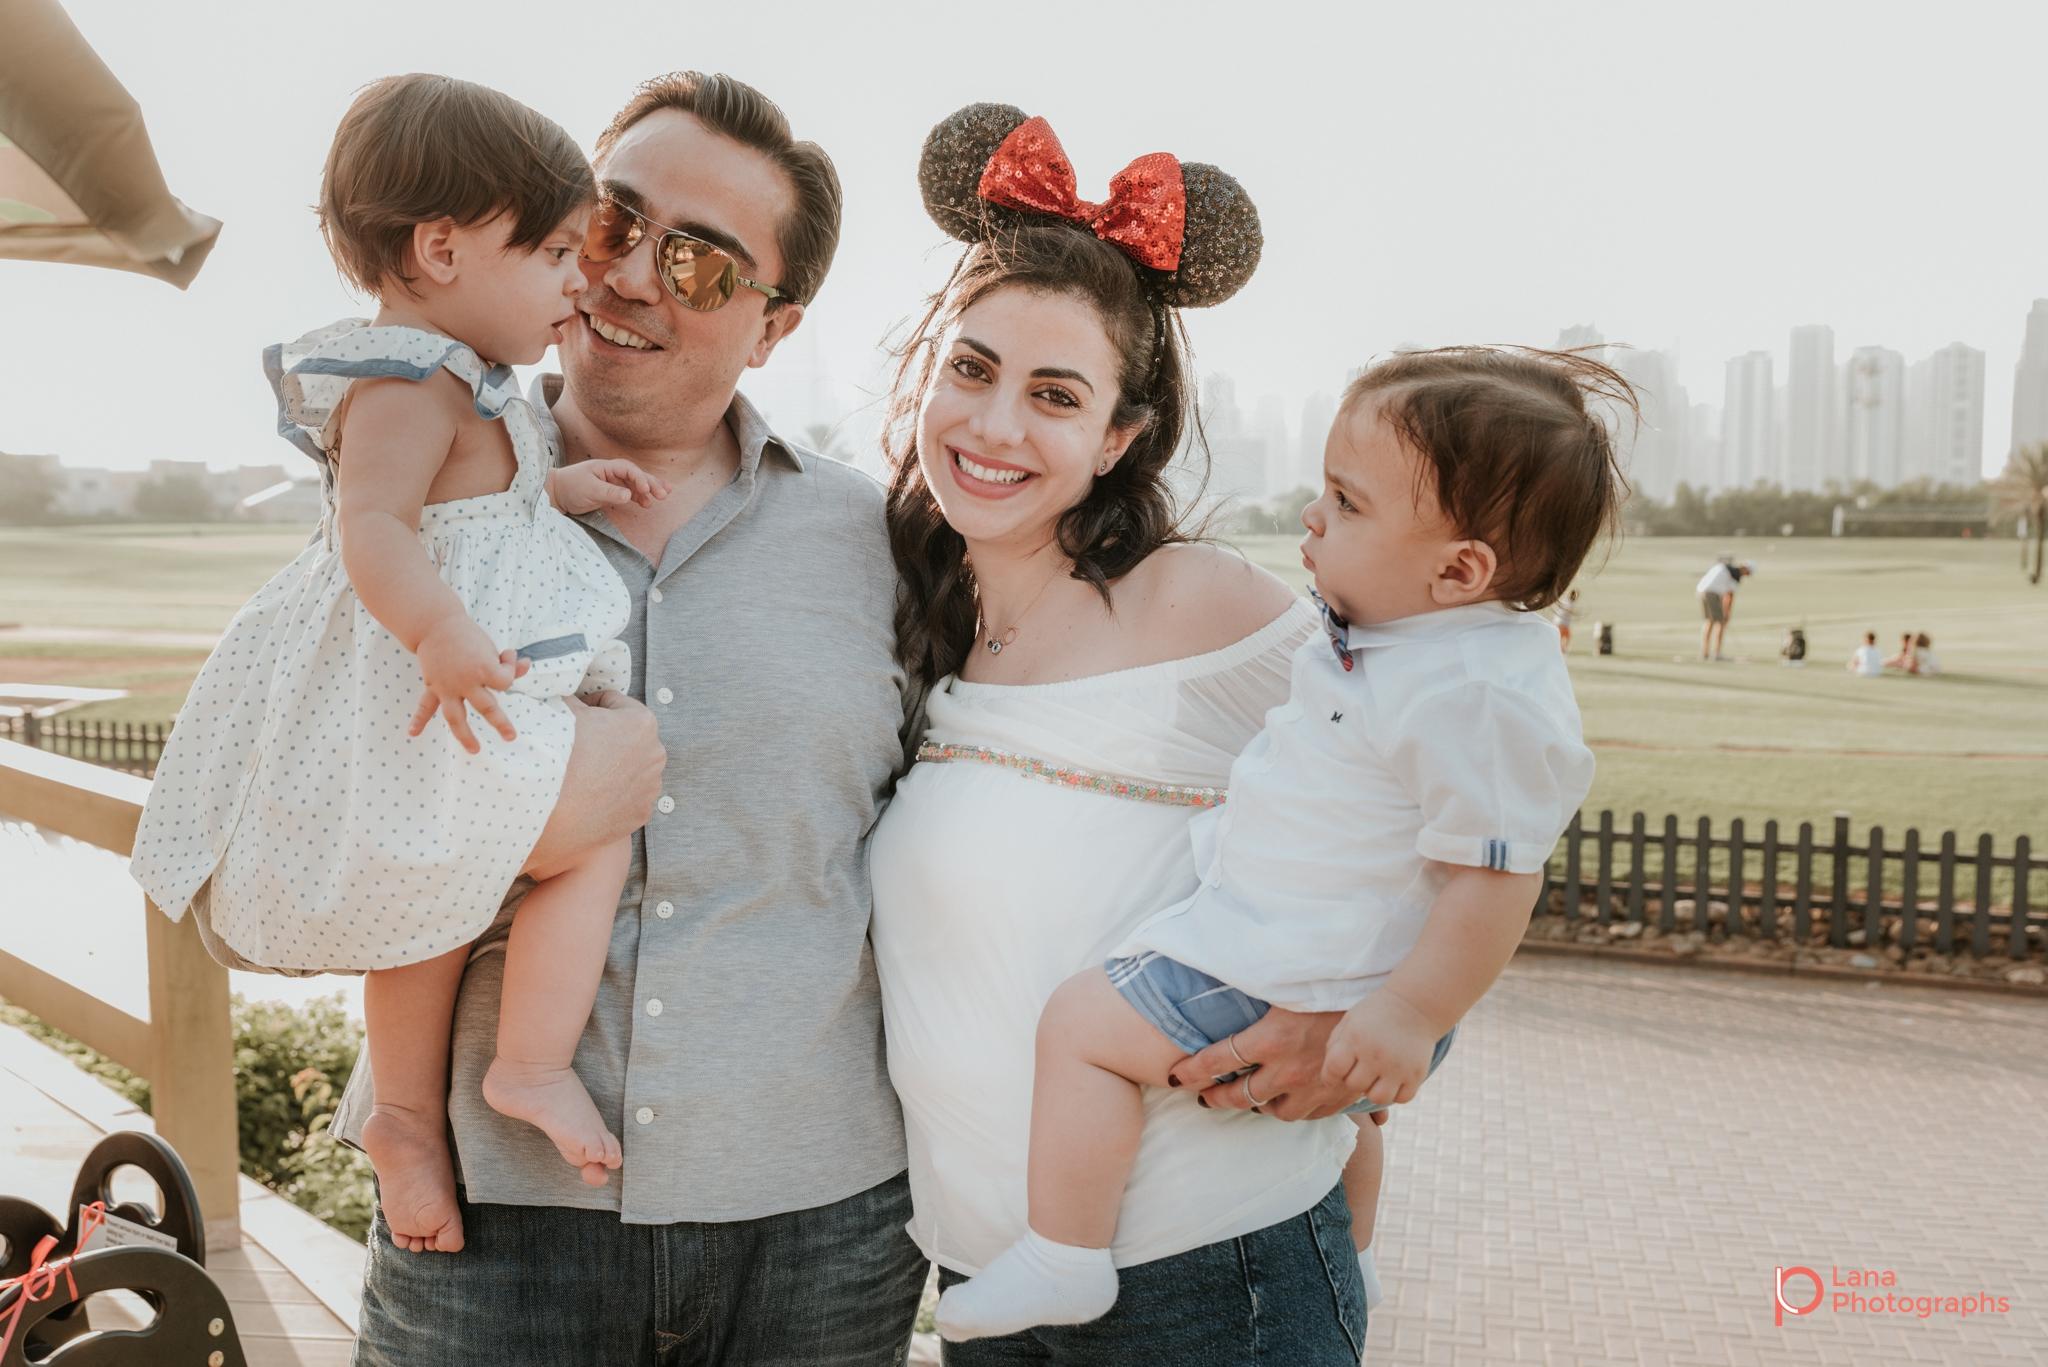 Lana-Photographs-Dubai-Family-Photography-Rim-LR-22.jpg